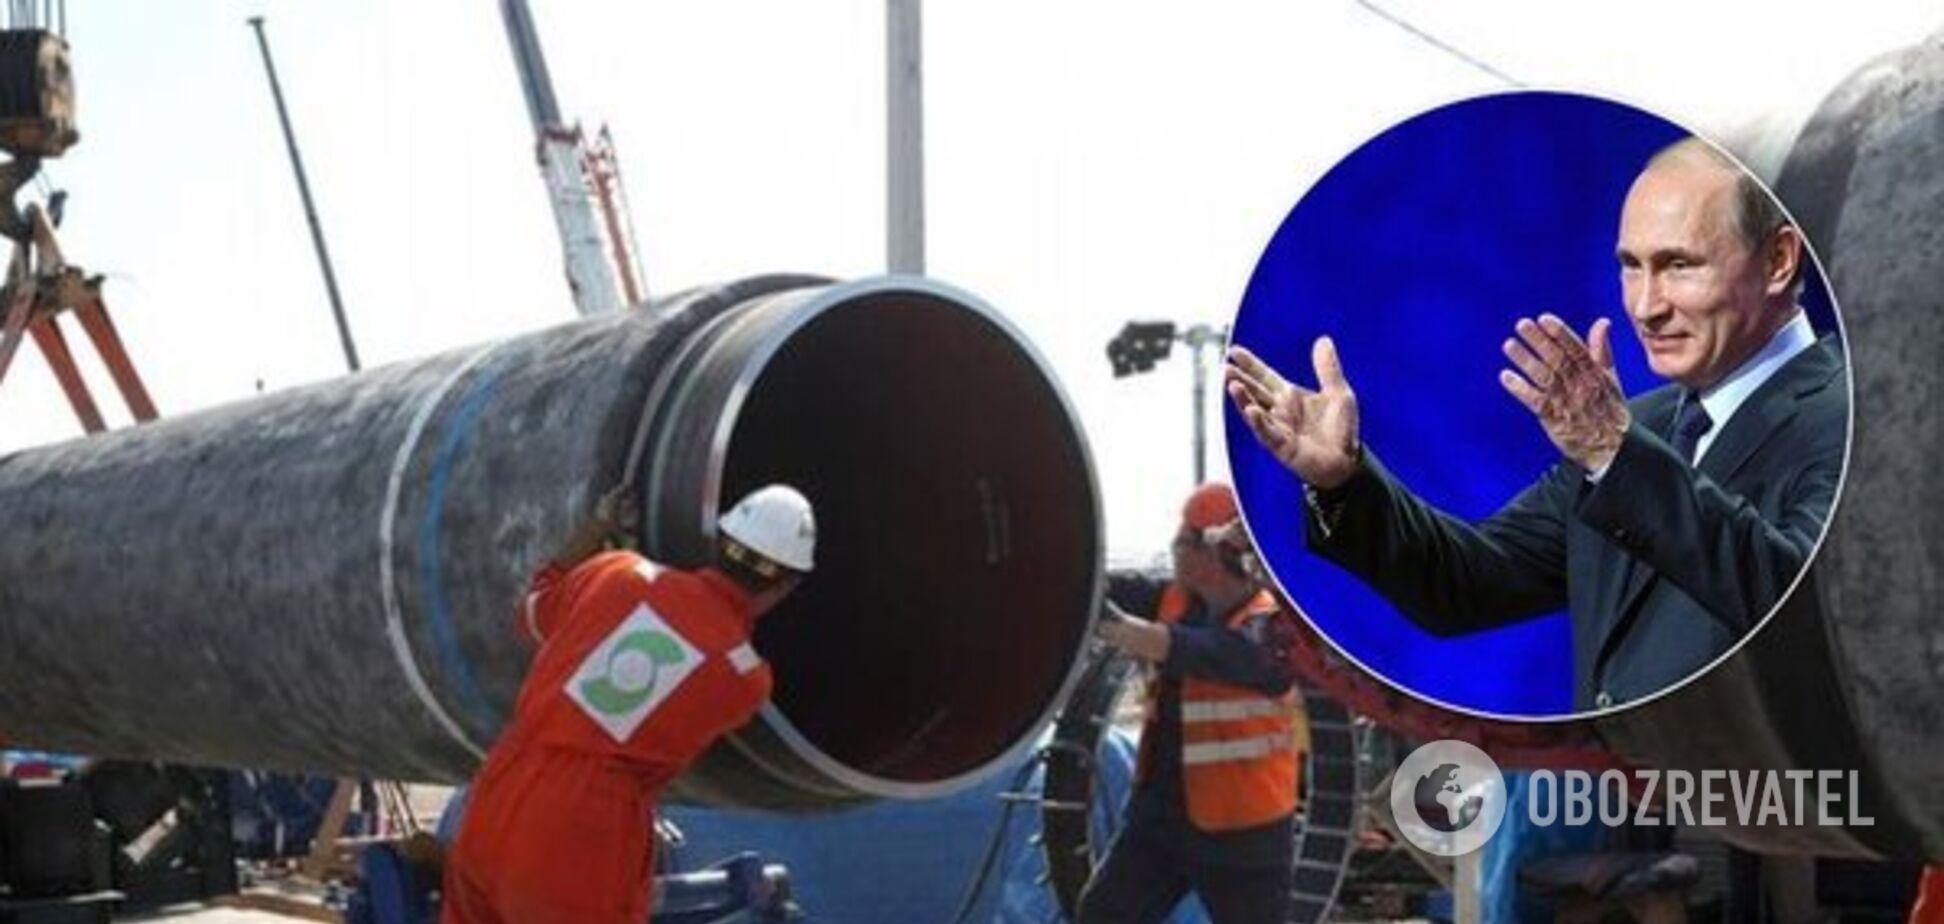 'Выкручивают руки!' Россия забила тревогу из-за удара США по 'газопроводу Путина'